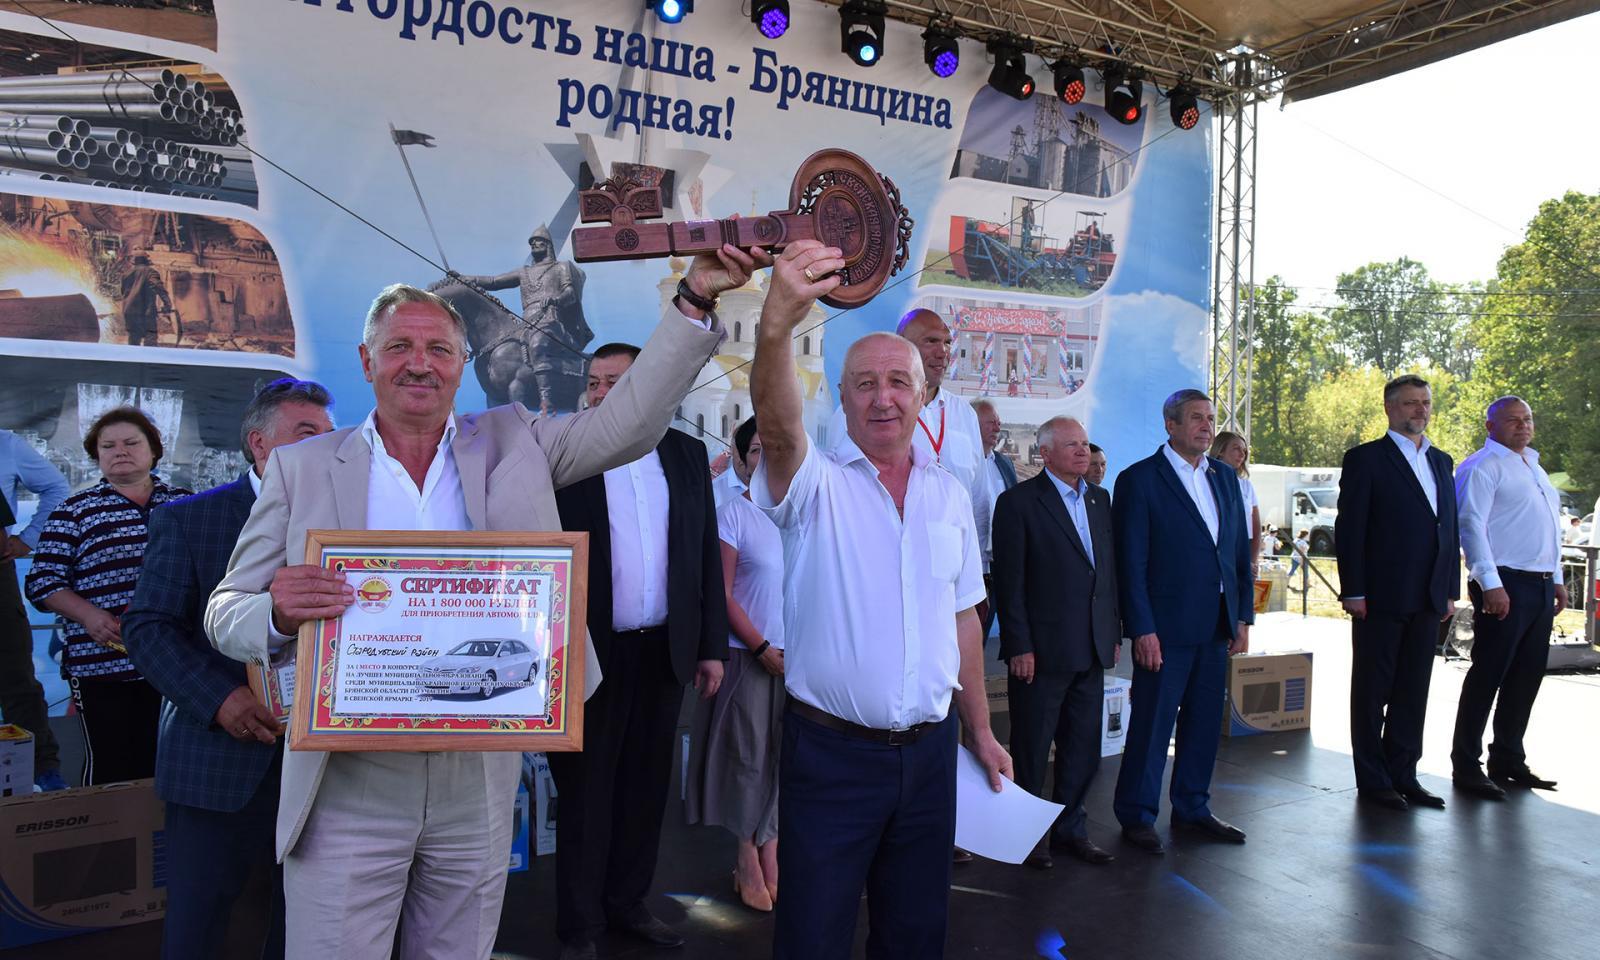 Стародубский район победил на Свенской ярмарке и получил около 2 млн рублей